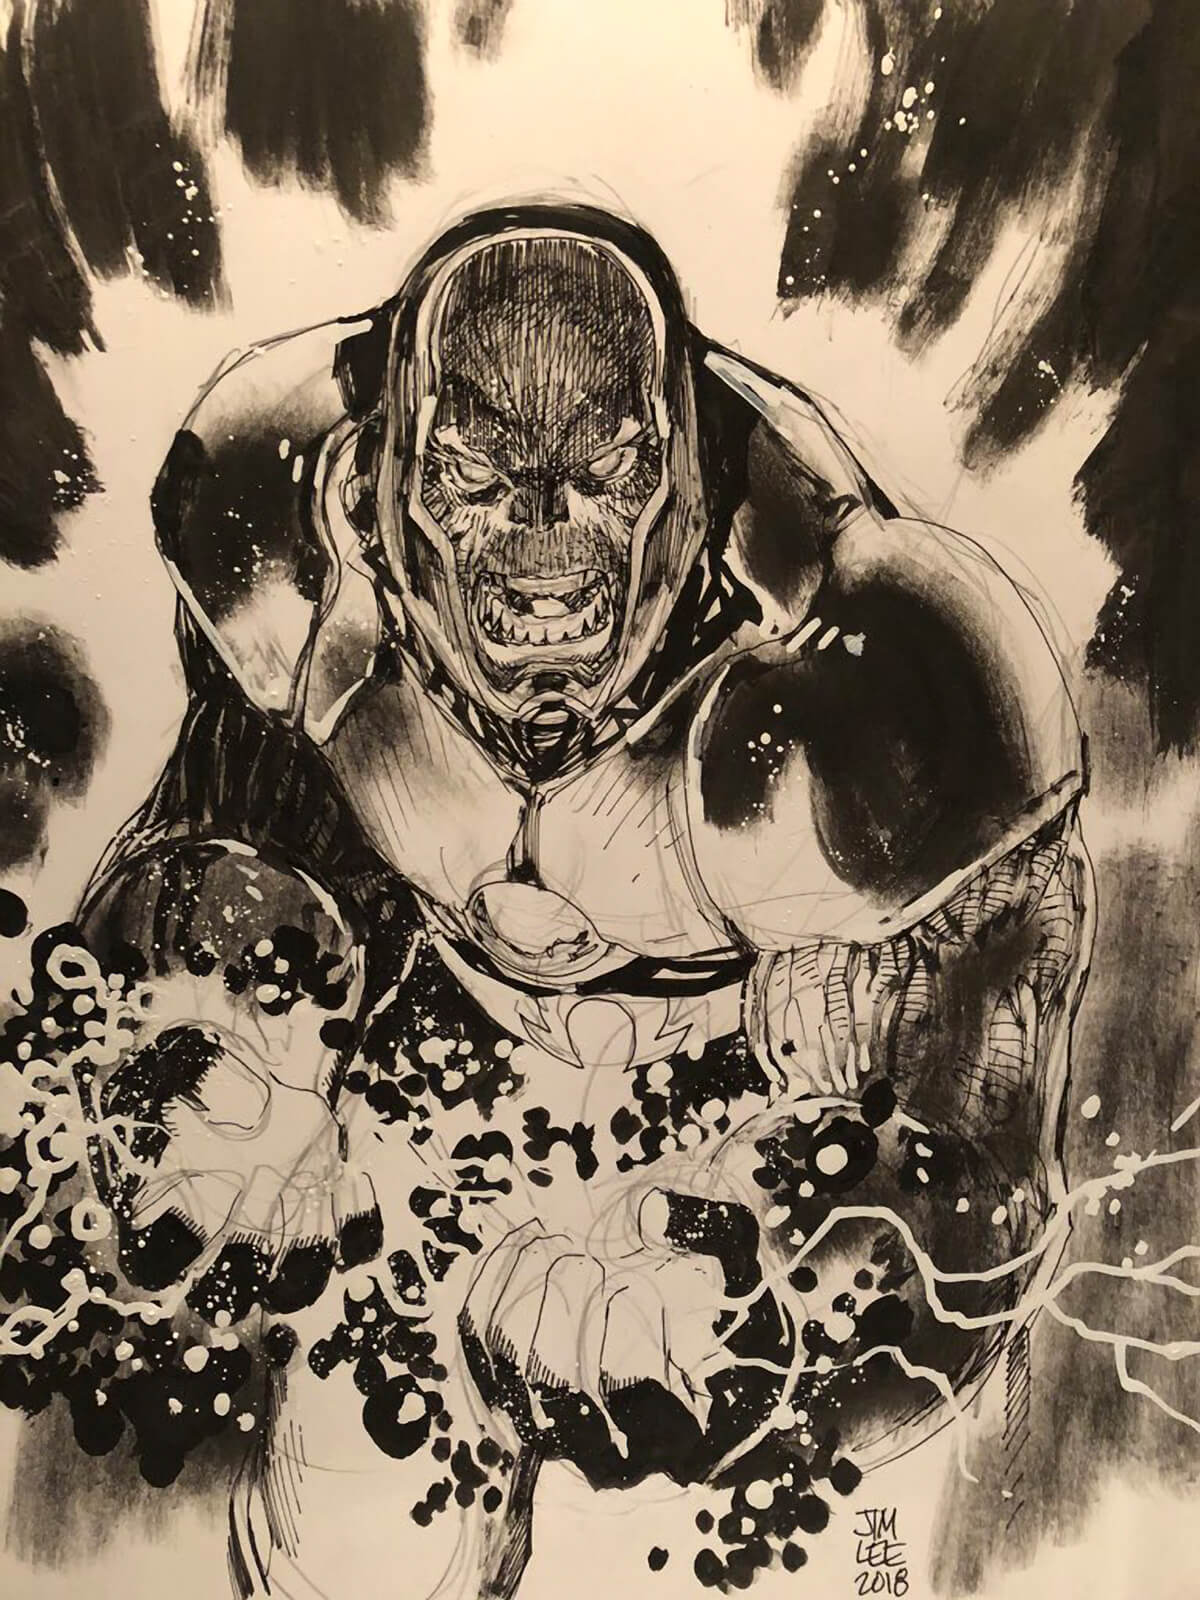 Darkseid by Jim Lee